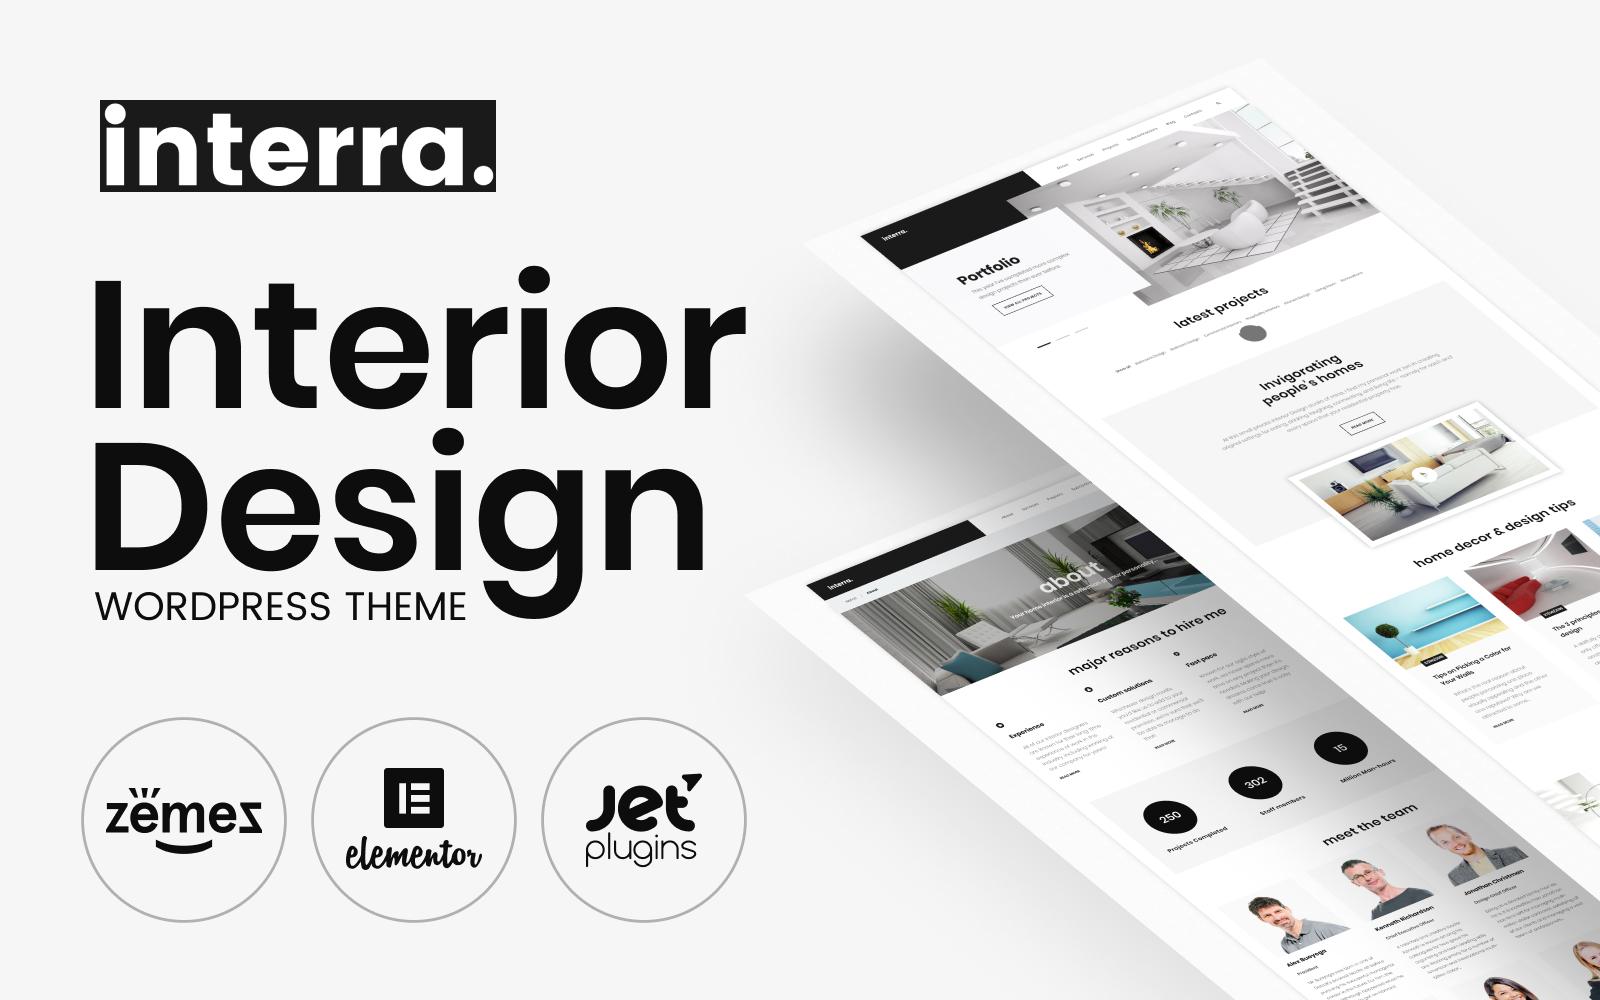 Interra - портфолио дизайнера интерьера №62042